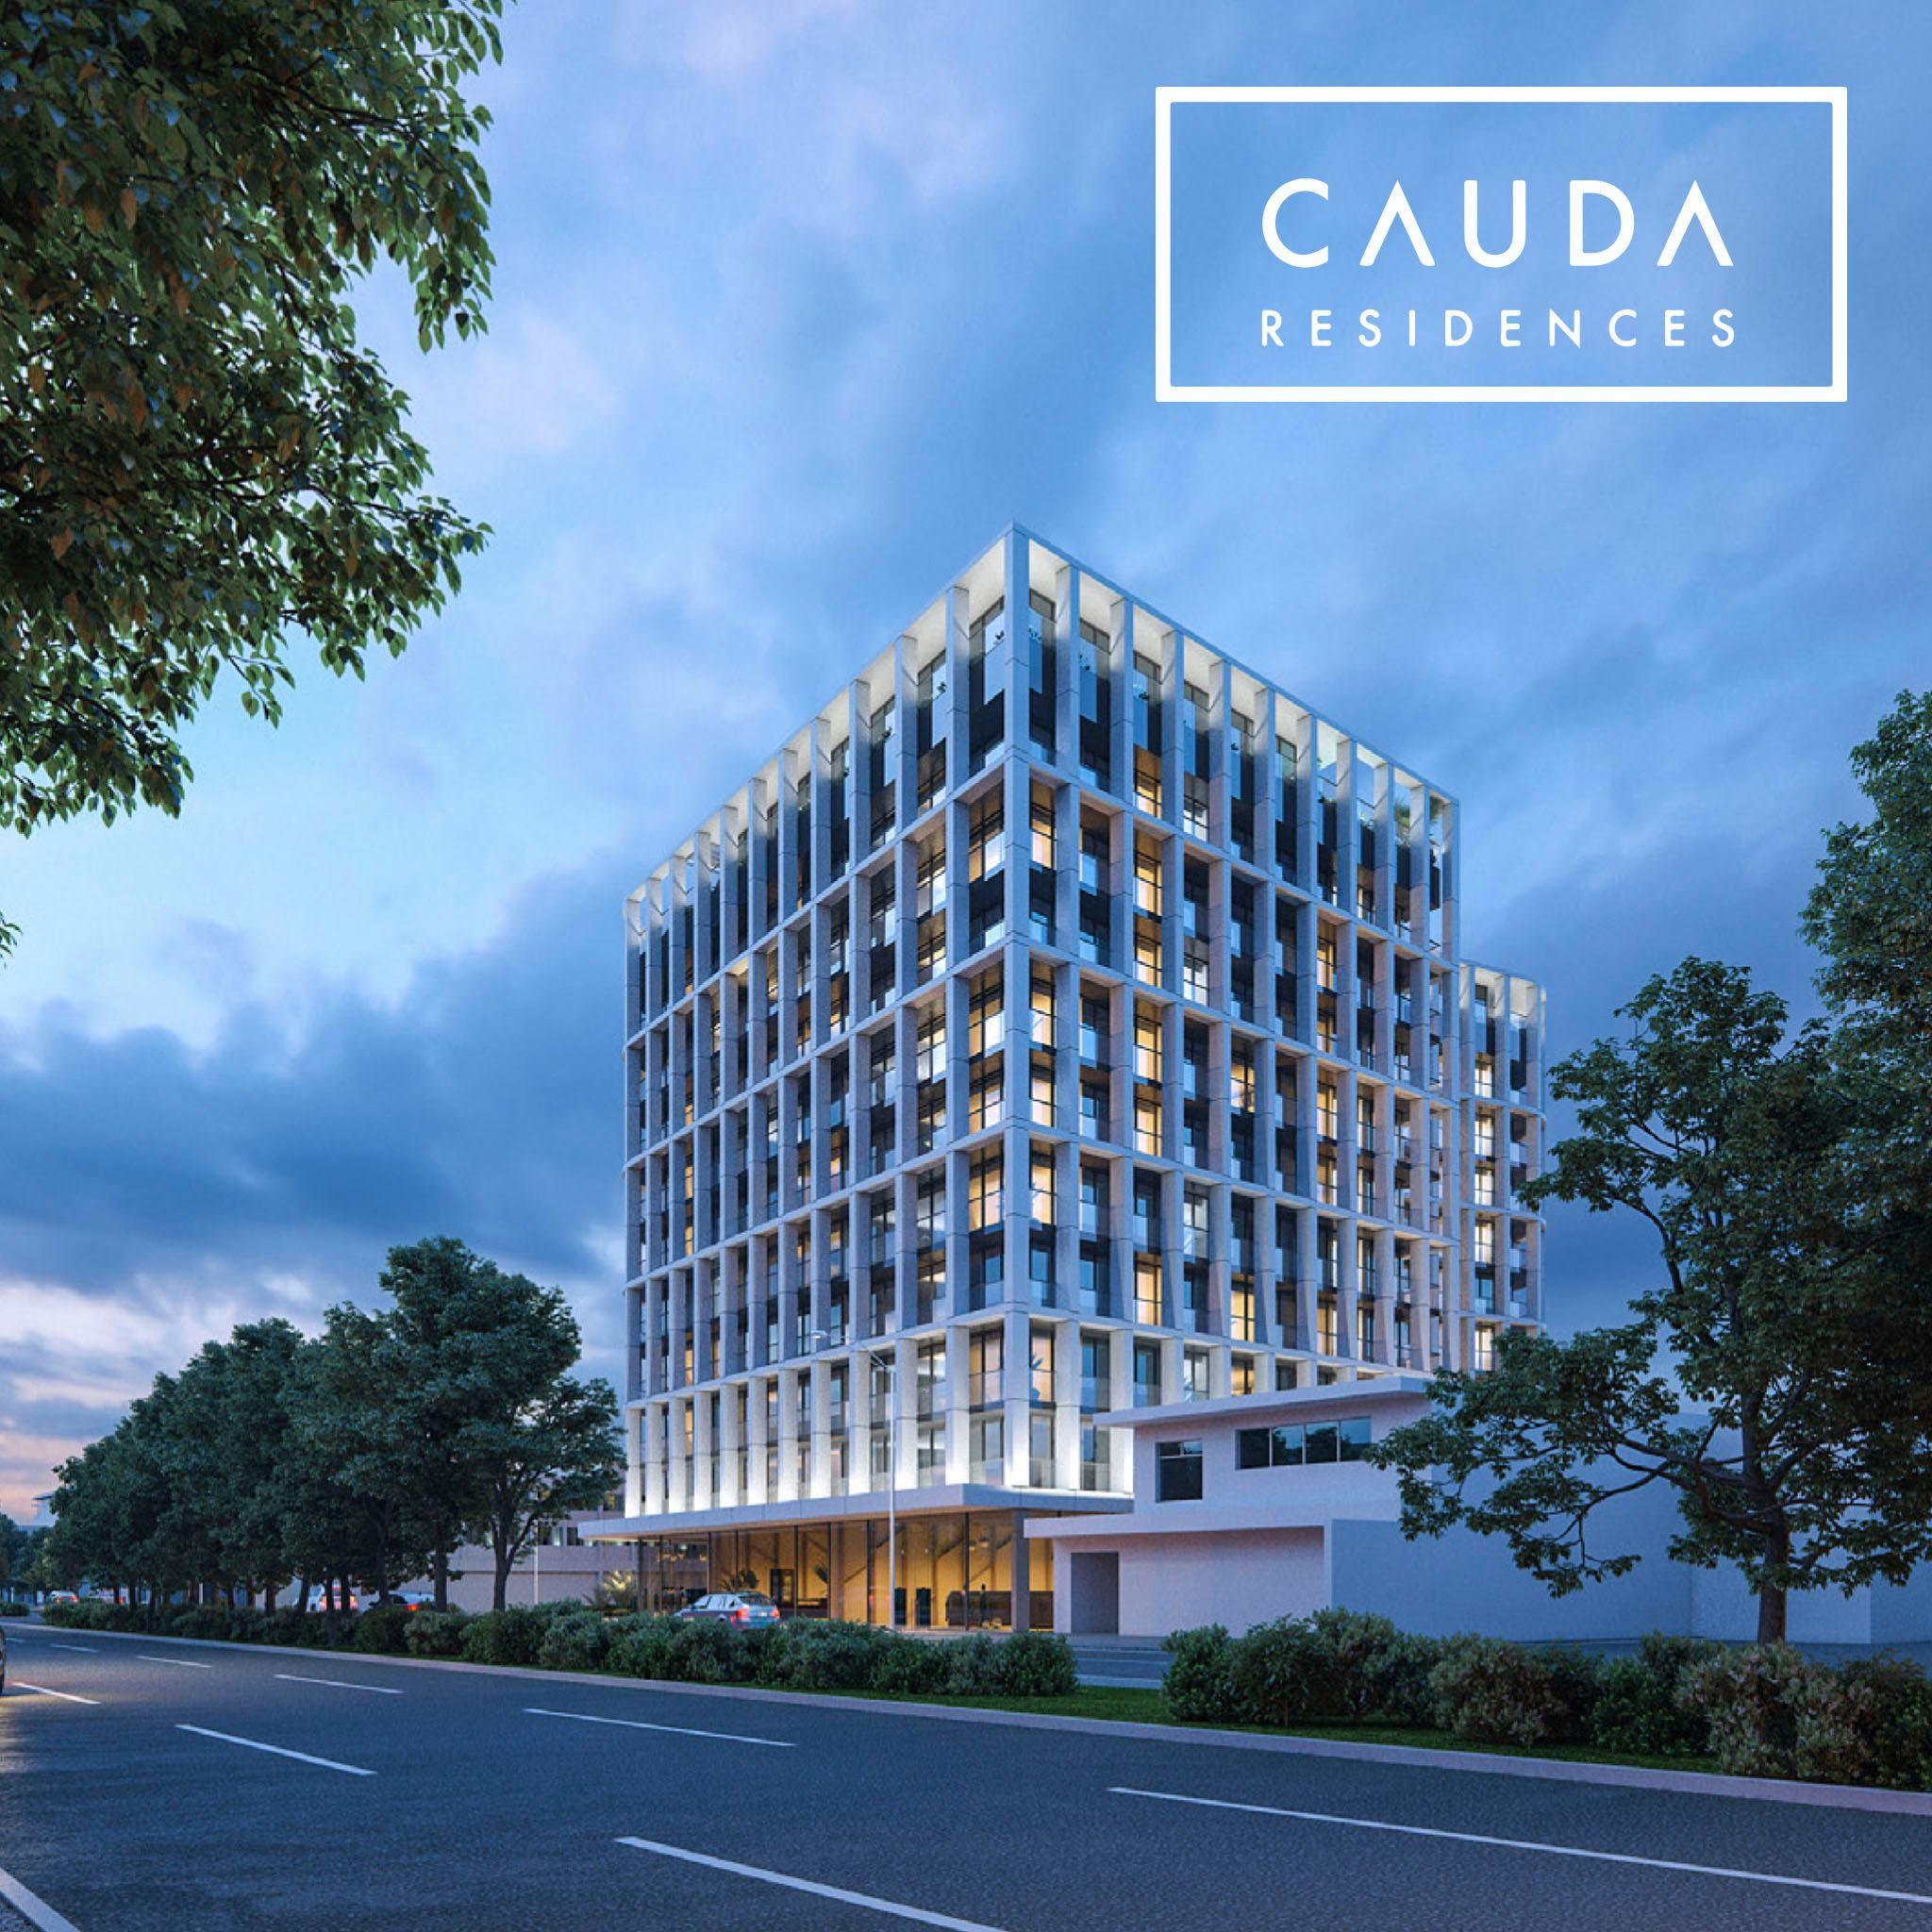 """Puede ser una imagen de edificios, rascacielos y texto que dice """"CAUDA RESIDENCES RESIDENCES TA"""""""